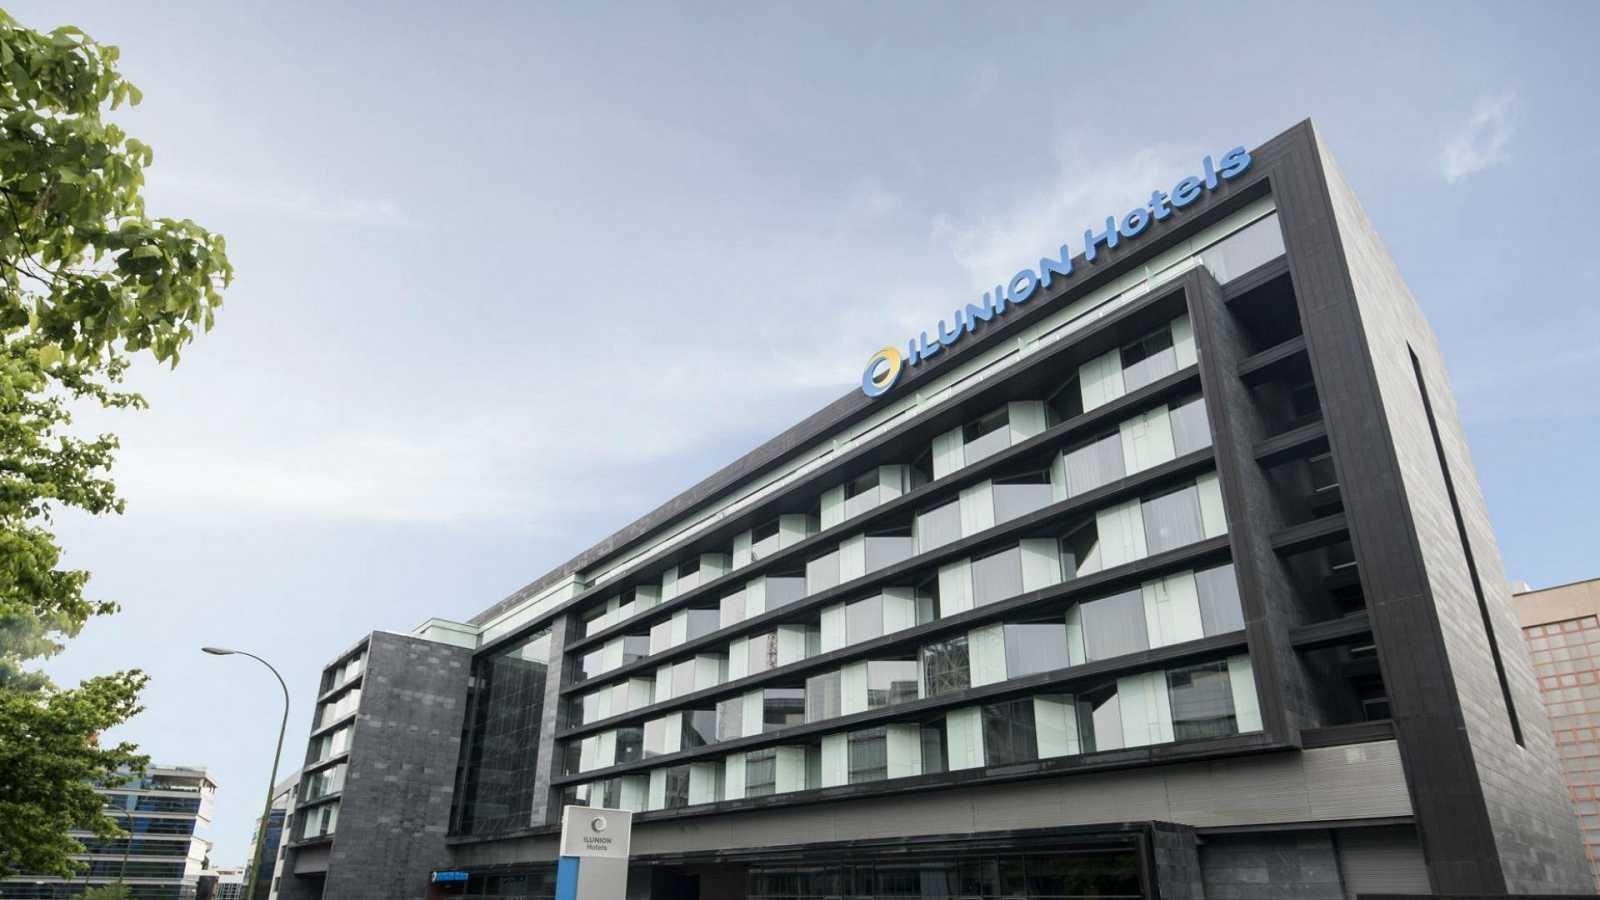 Para que veas -  ILUNION Hotels reabre hoteles urbanos con todas las garantías antiCovid 19 - 28/10/20 - Escuchar ahora